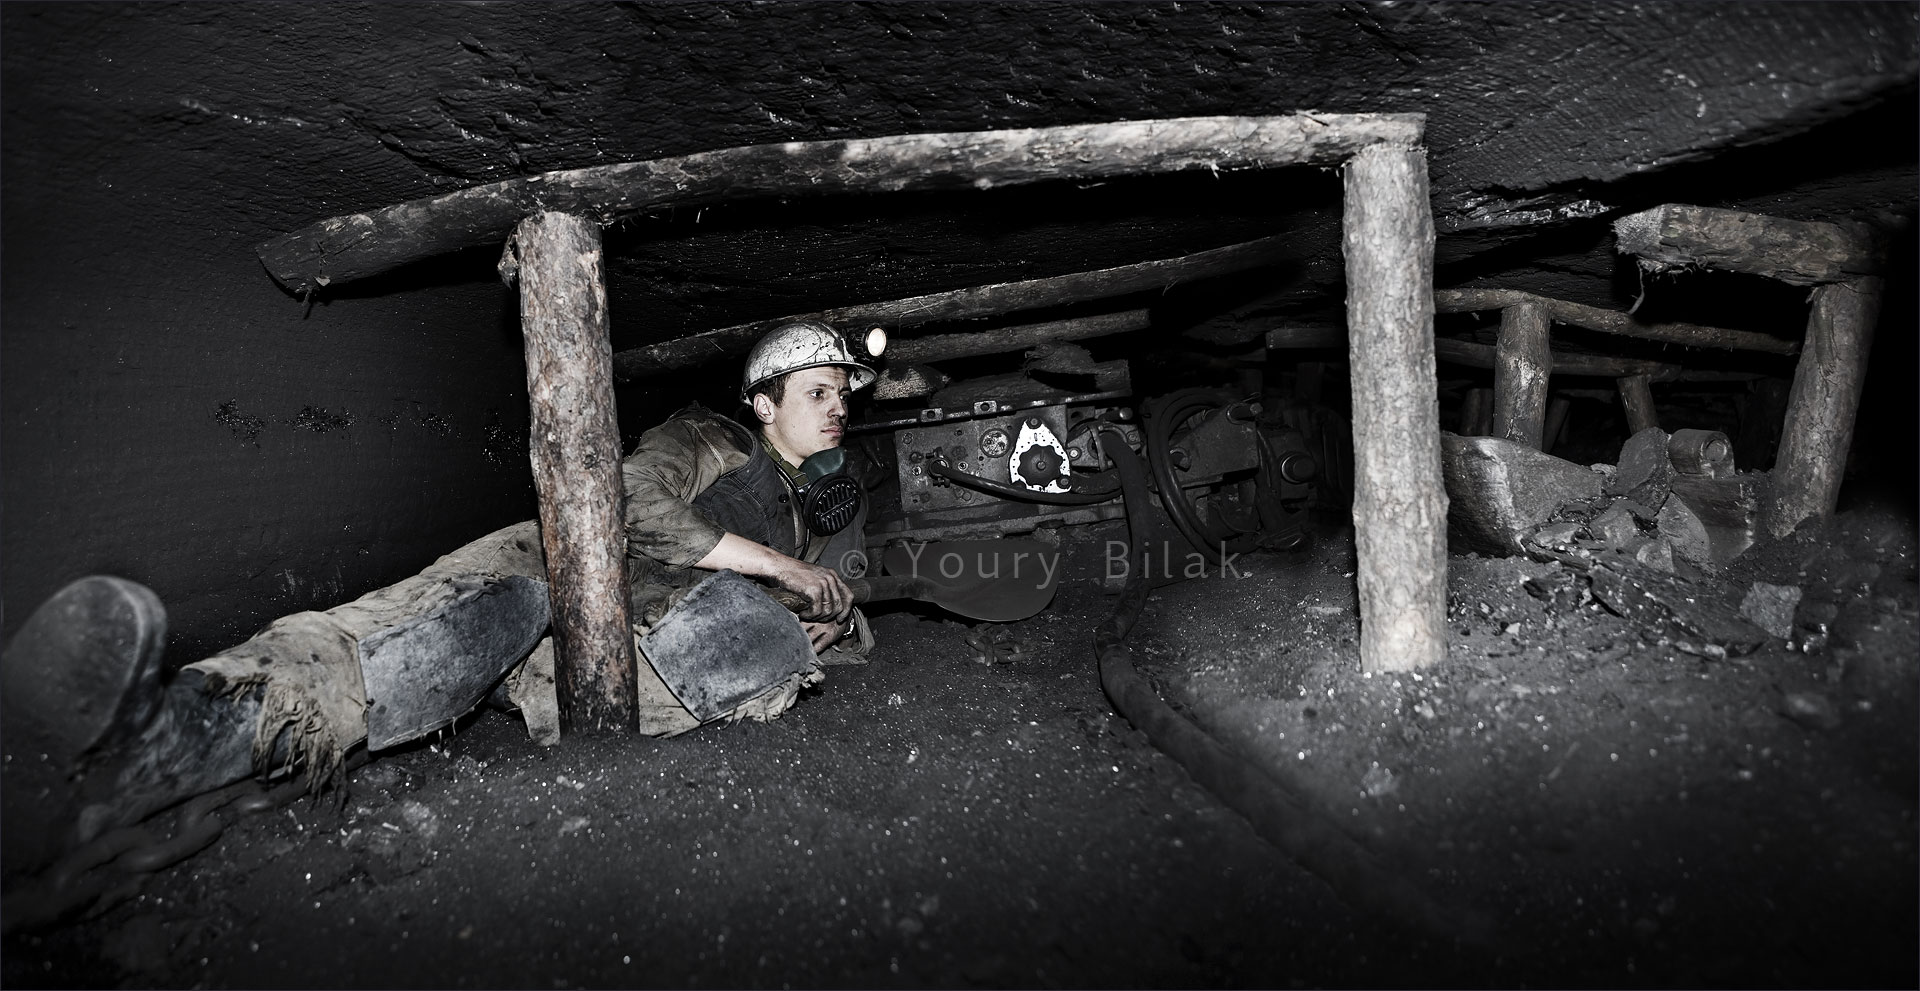 youry bilak mine 1815